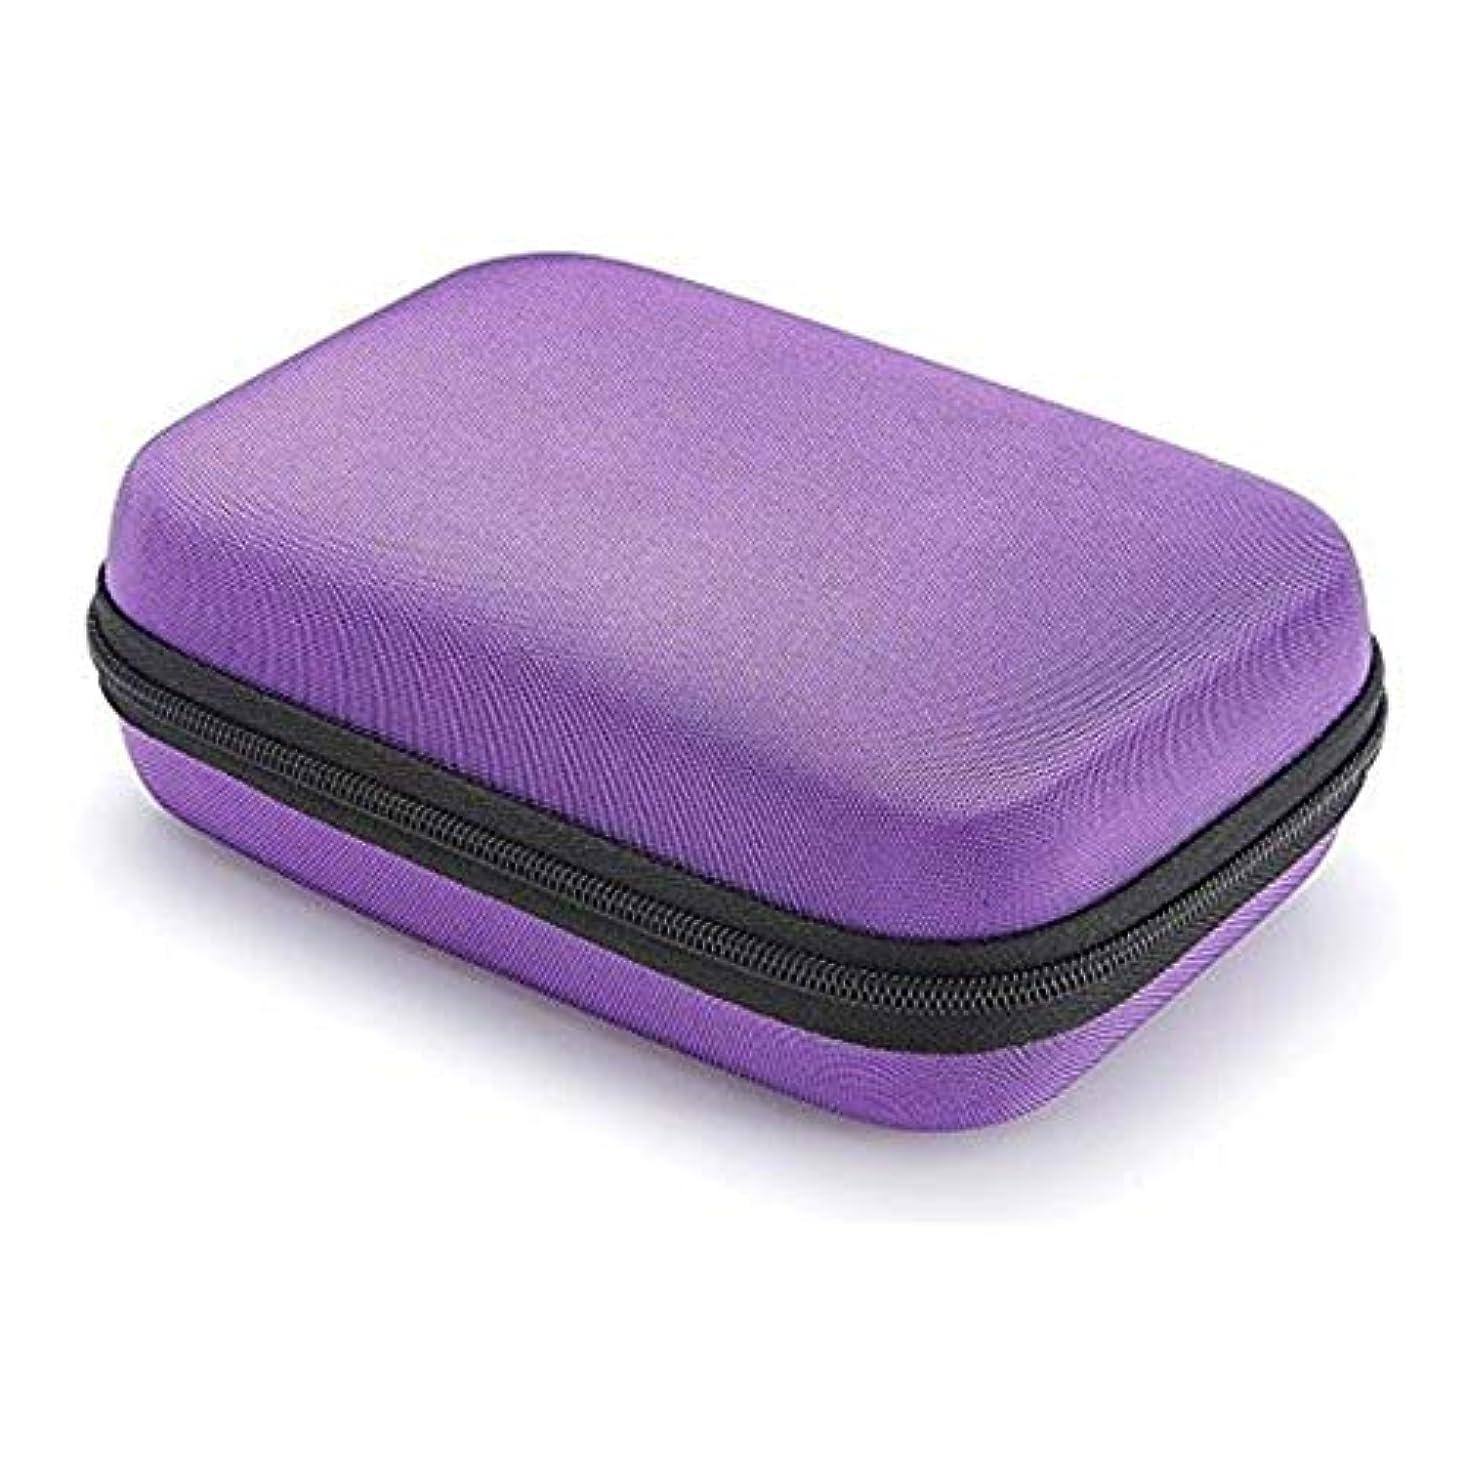 定期的に使用法端エッセンシャルオイル収納ケース 収納バッグ 携帯用ポーチ EVA製 防水 耐衝撃性 12本入り 10ml?15mlのボルトに適用 3色選べる junexi